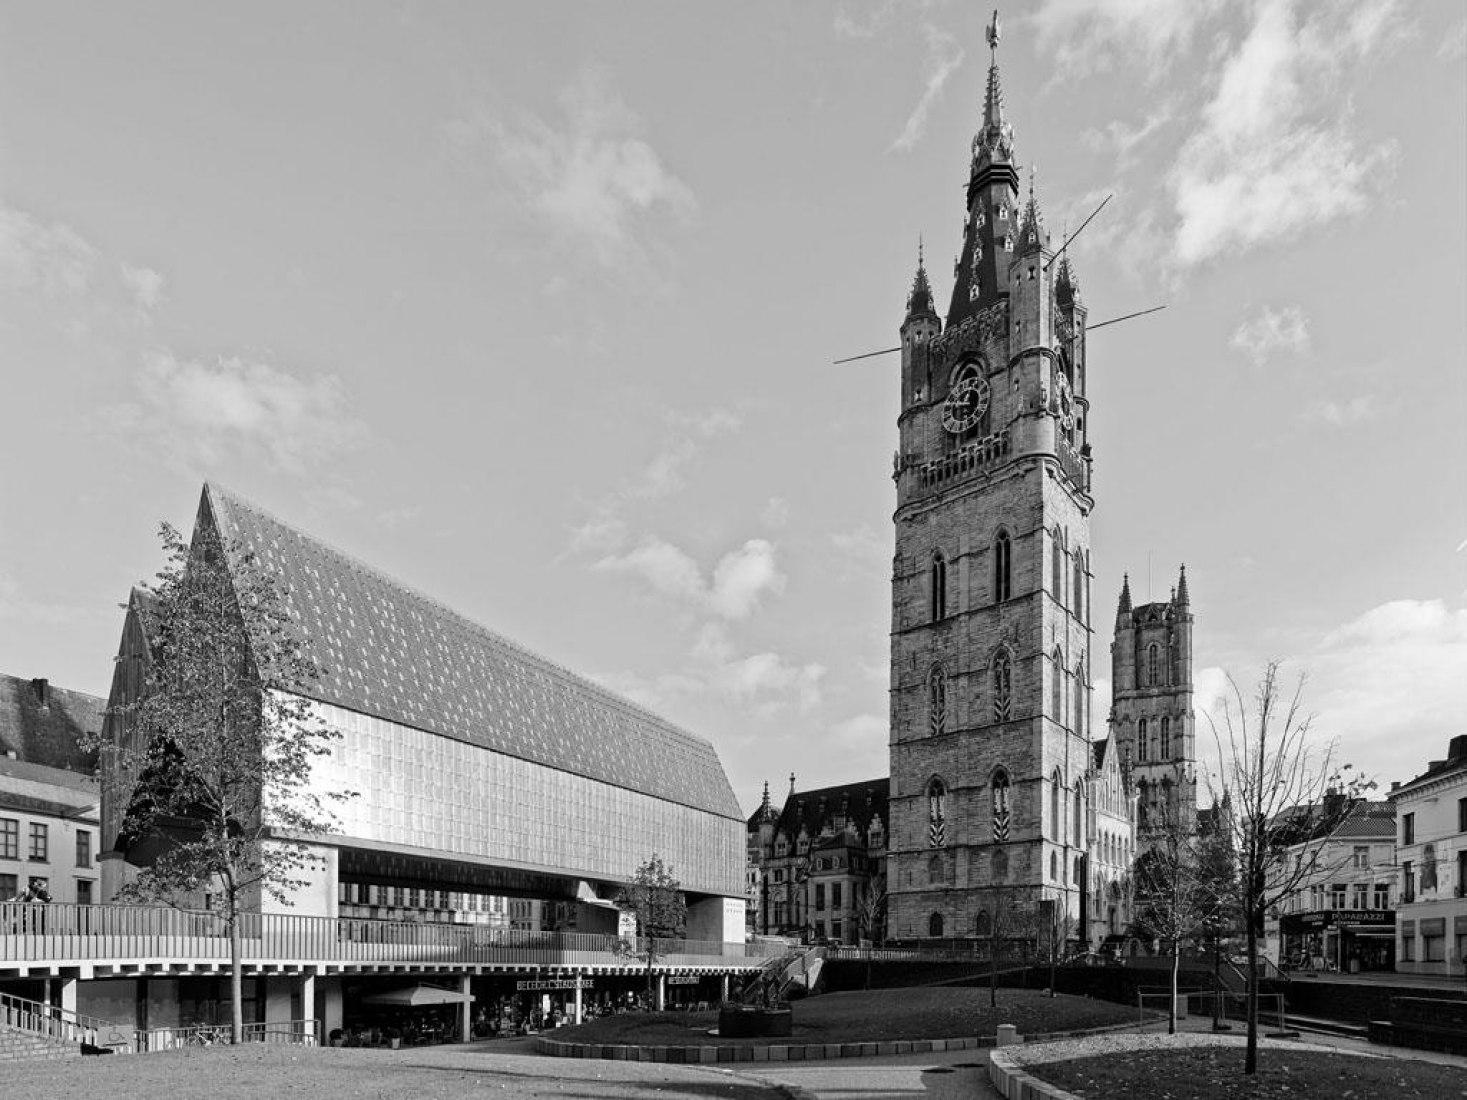 Market Hall. Stadshal Gent. View from Green, Belfry. Photograph © Marc de Blieck.